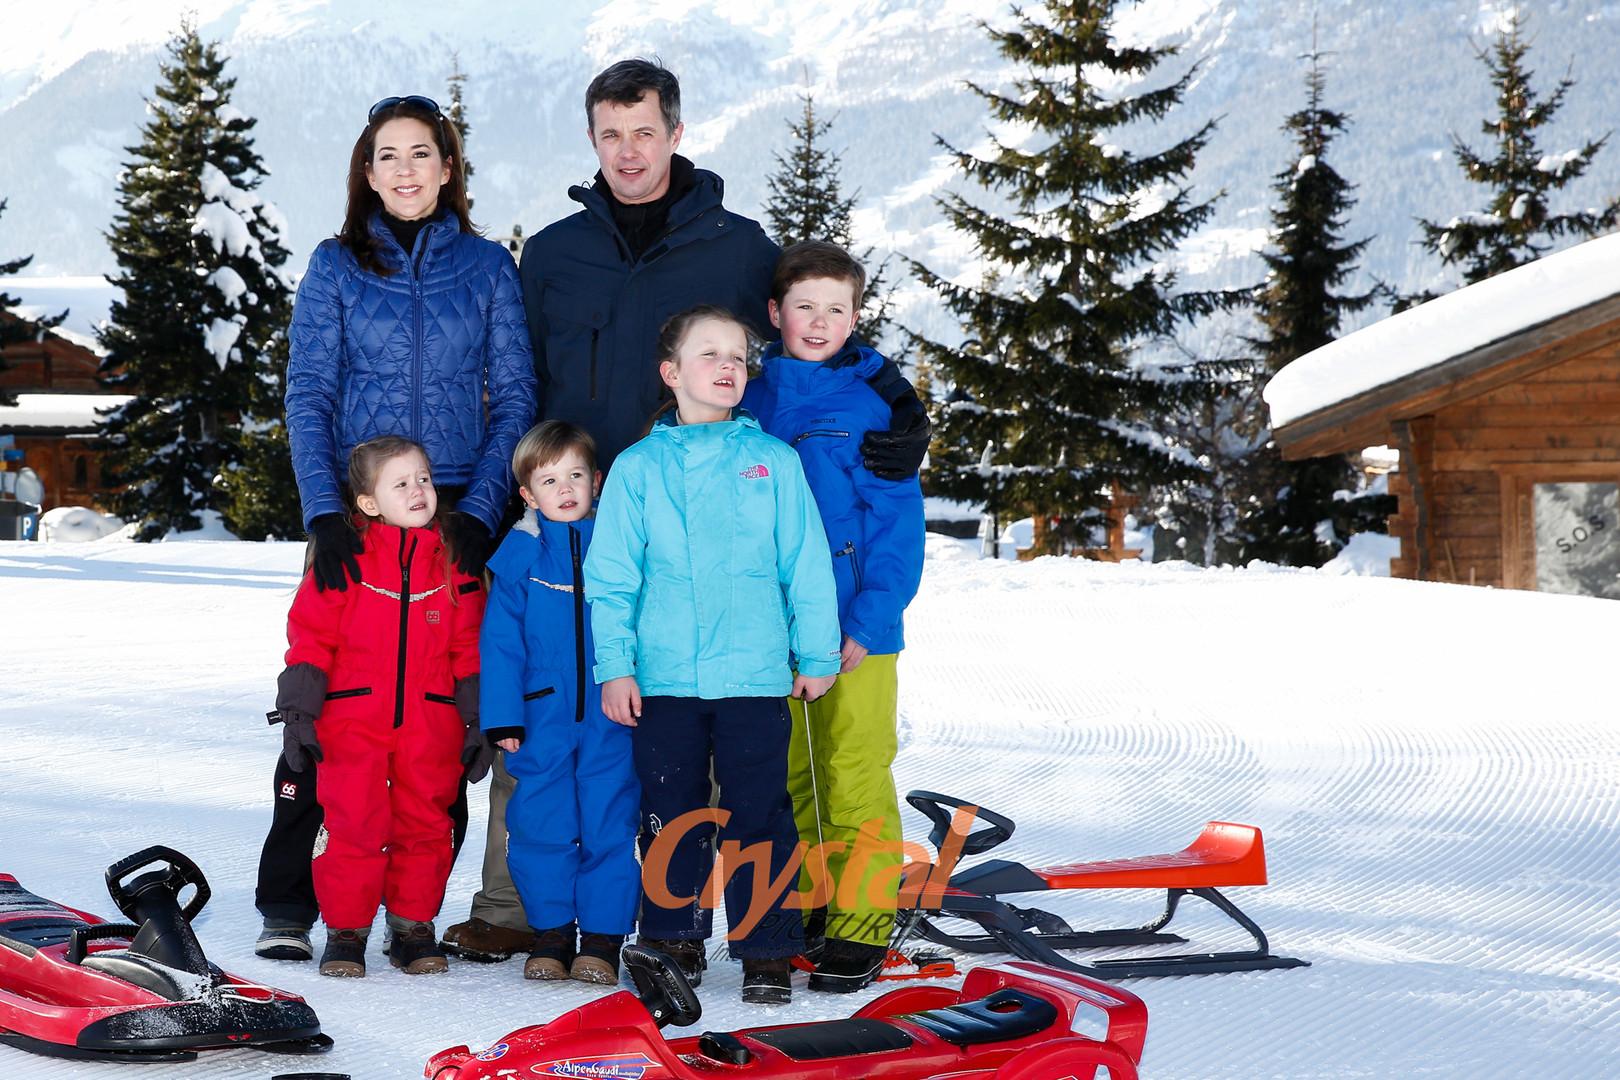 Photocall Famille Royale du Danemark à Verbier, Suisse.